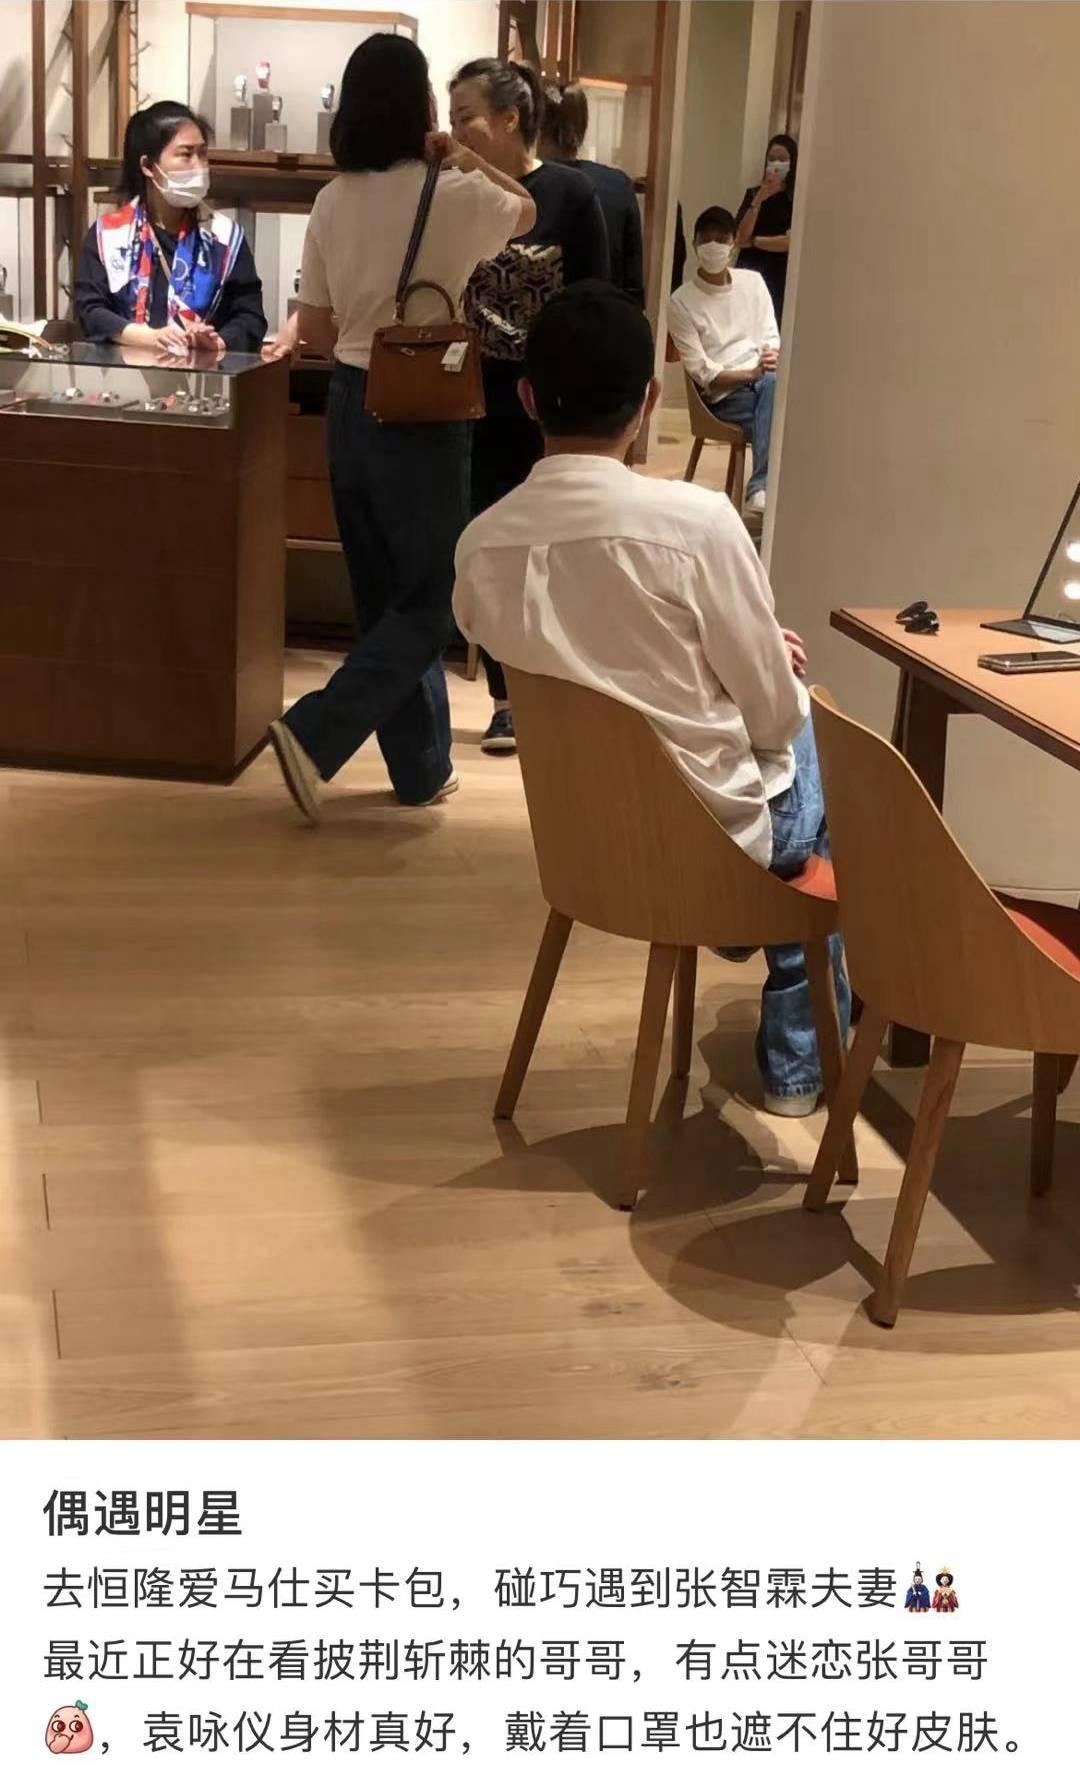 当有网友偶遇袁咏仪买名牌包包时 奇拉姆正在等待 准备支付15万元付账